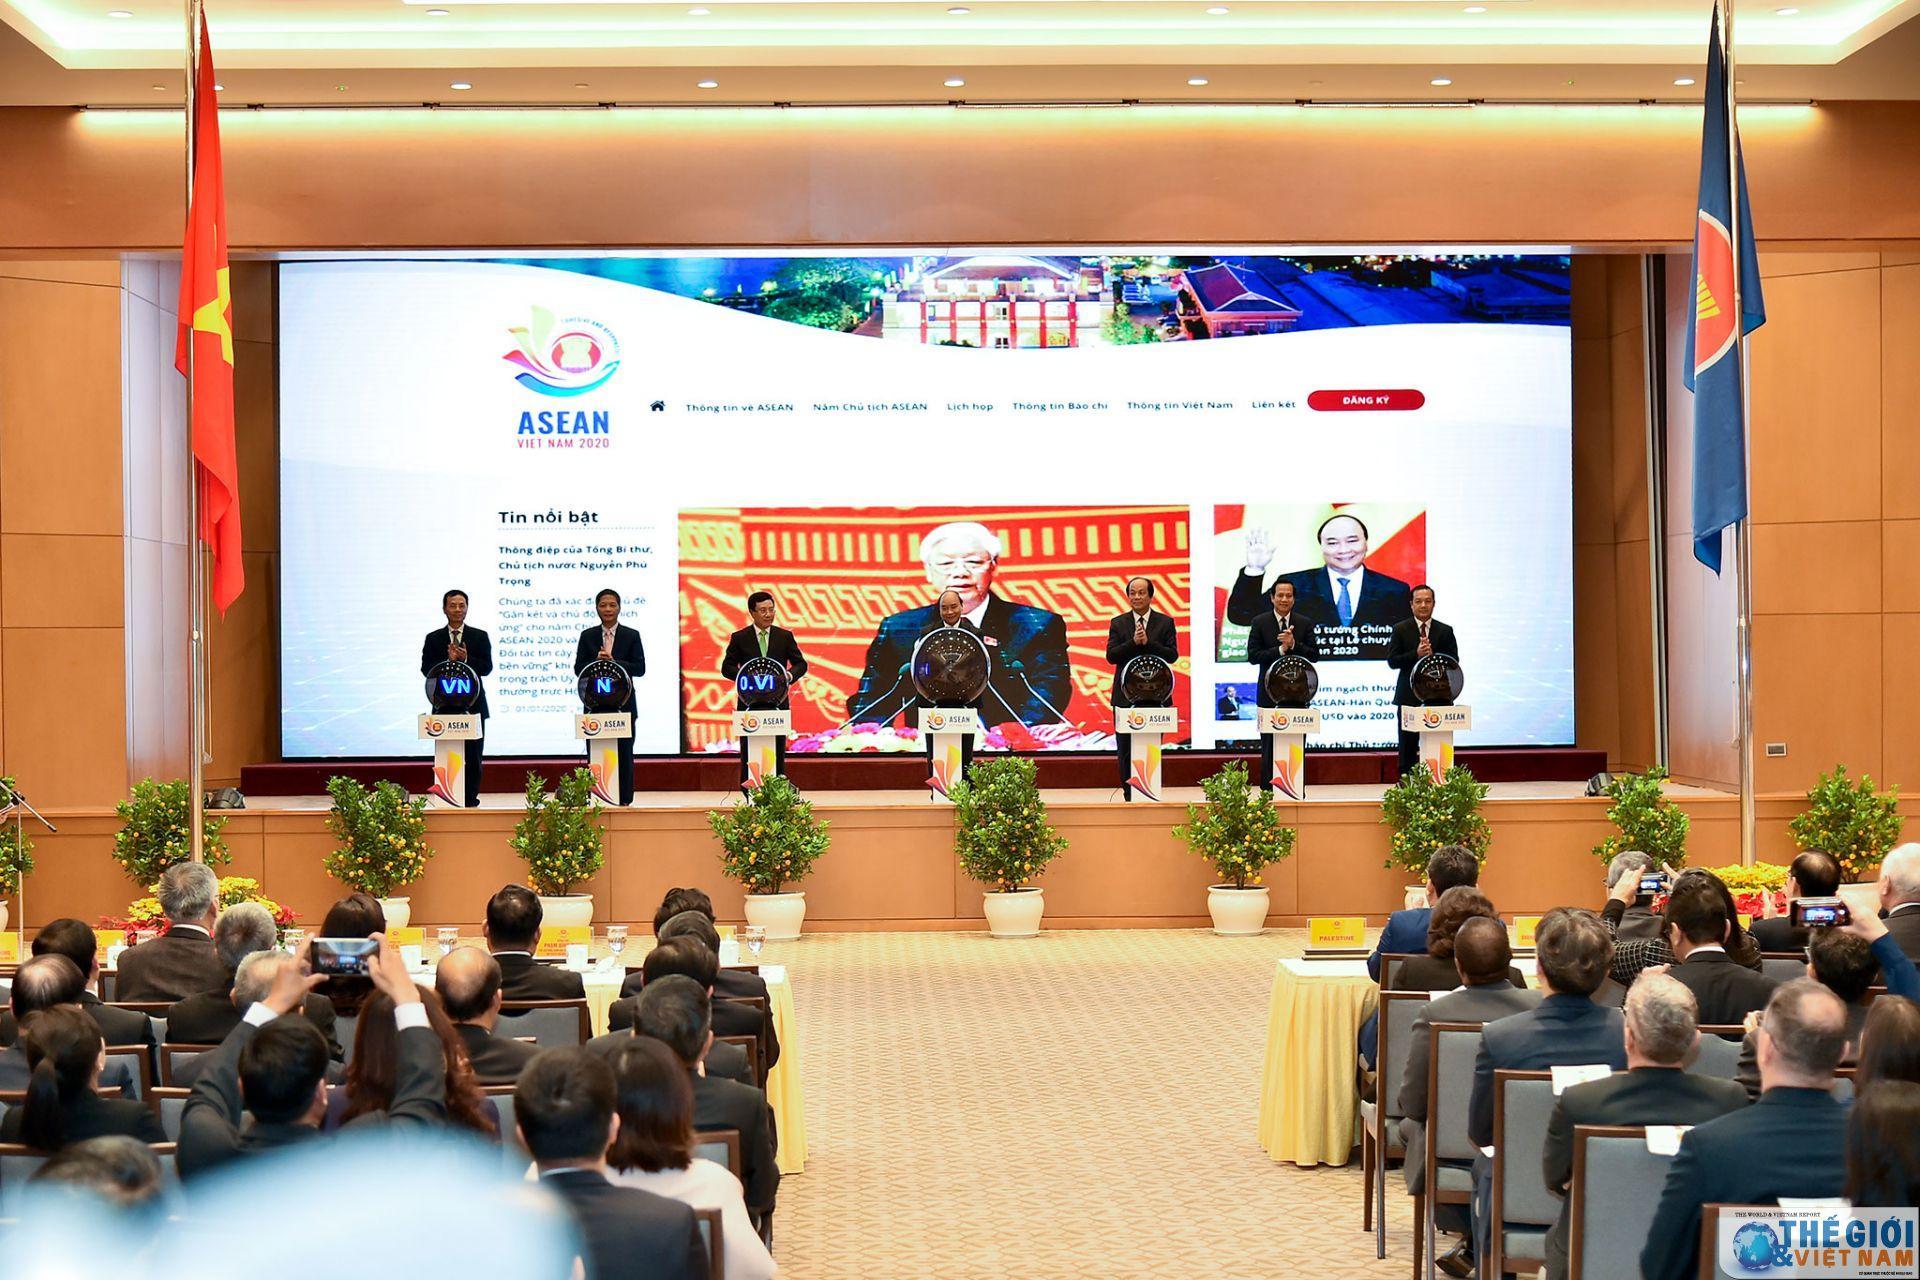 Lễ Khởi động năm Chủ tịch ASEAN 2020